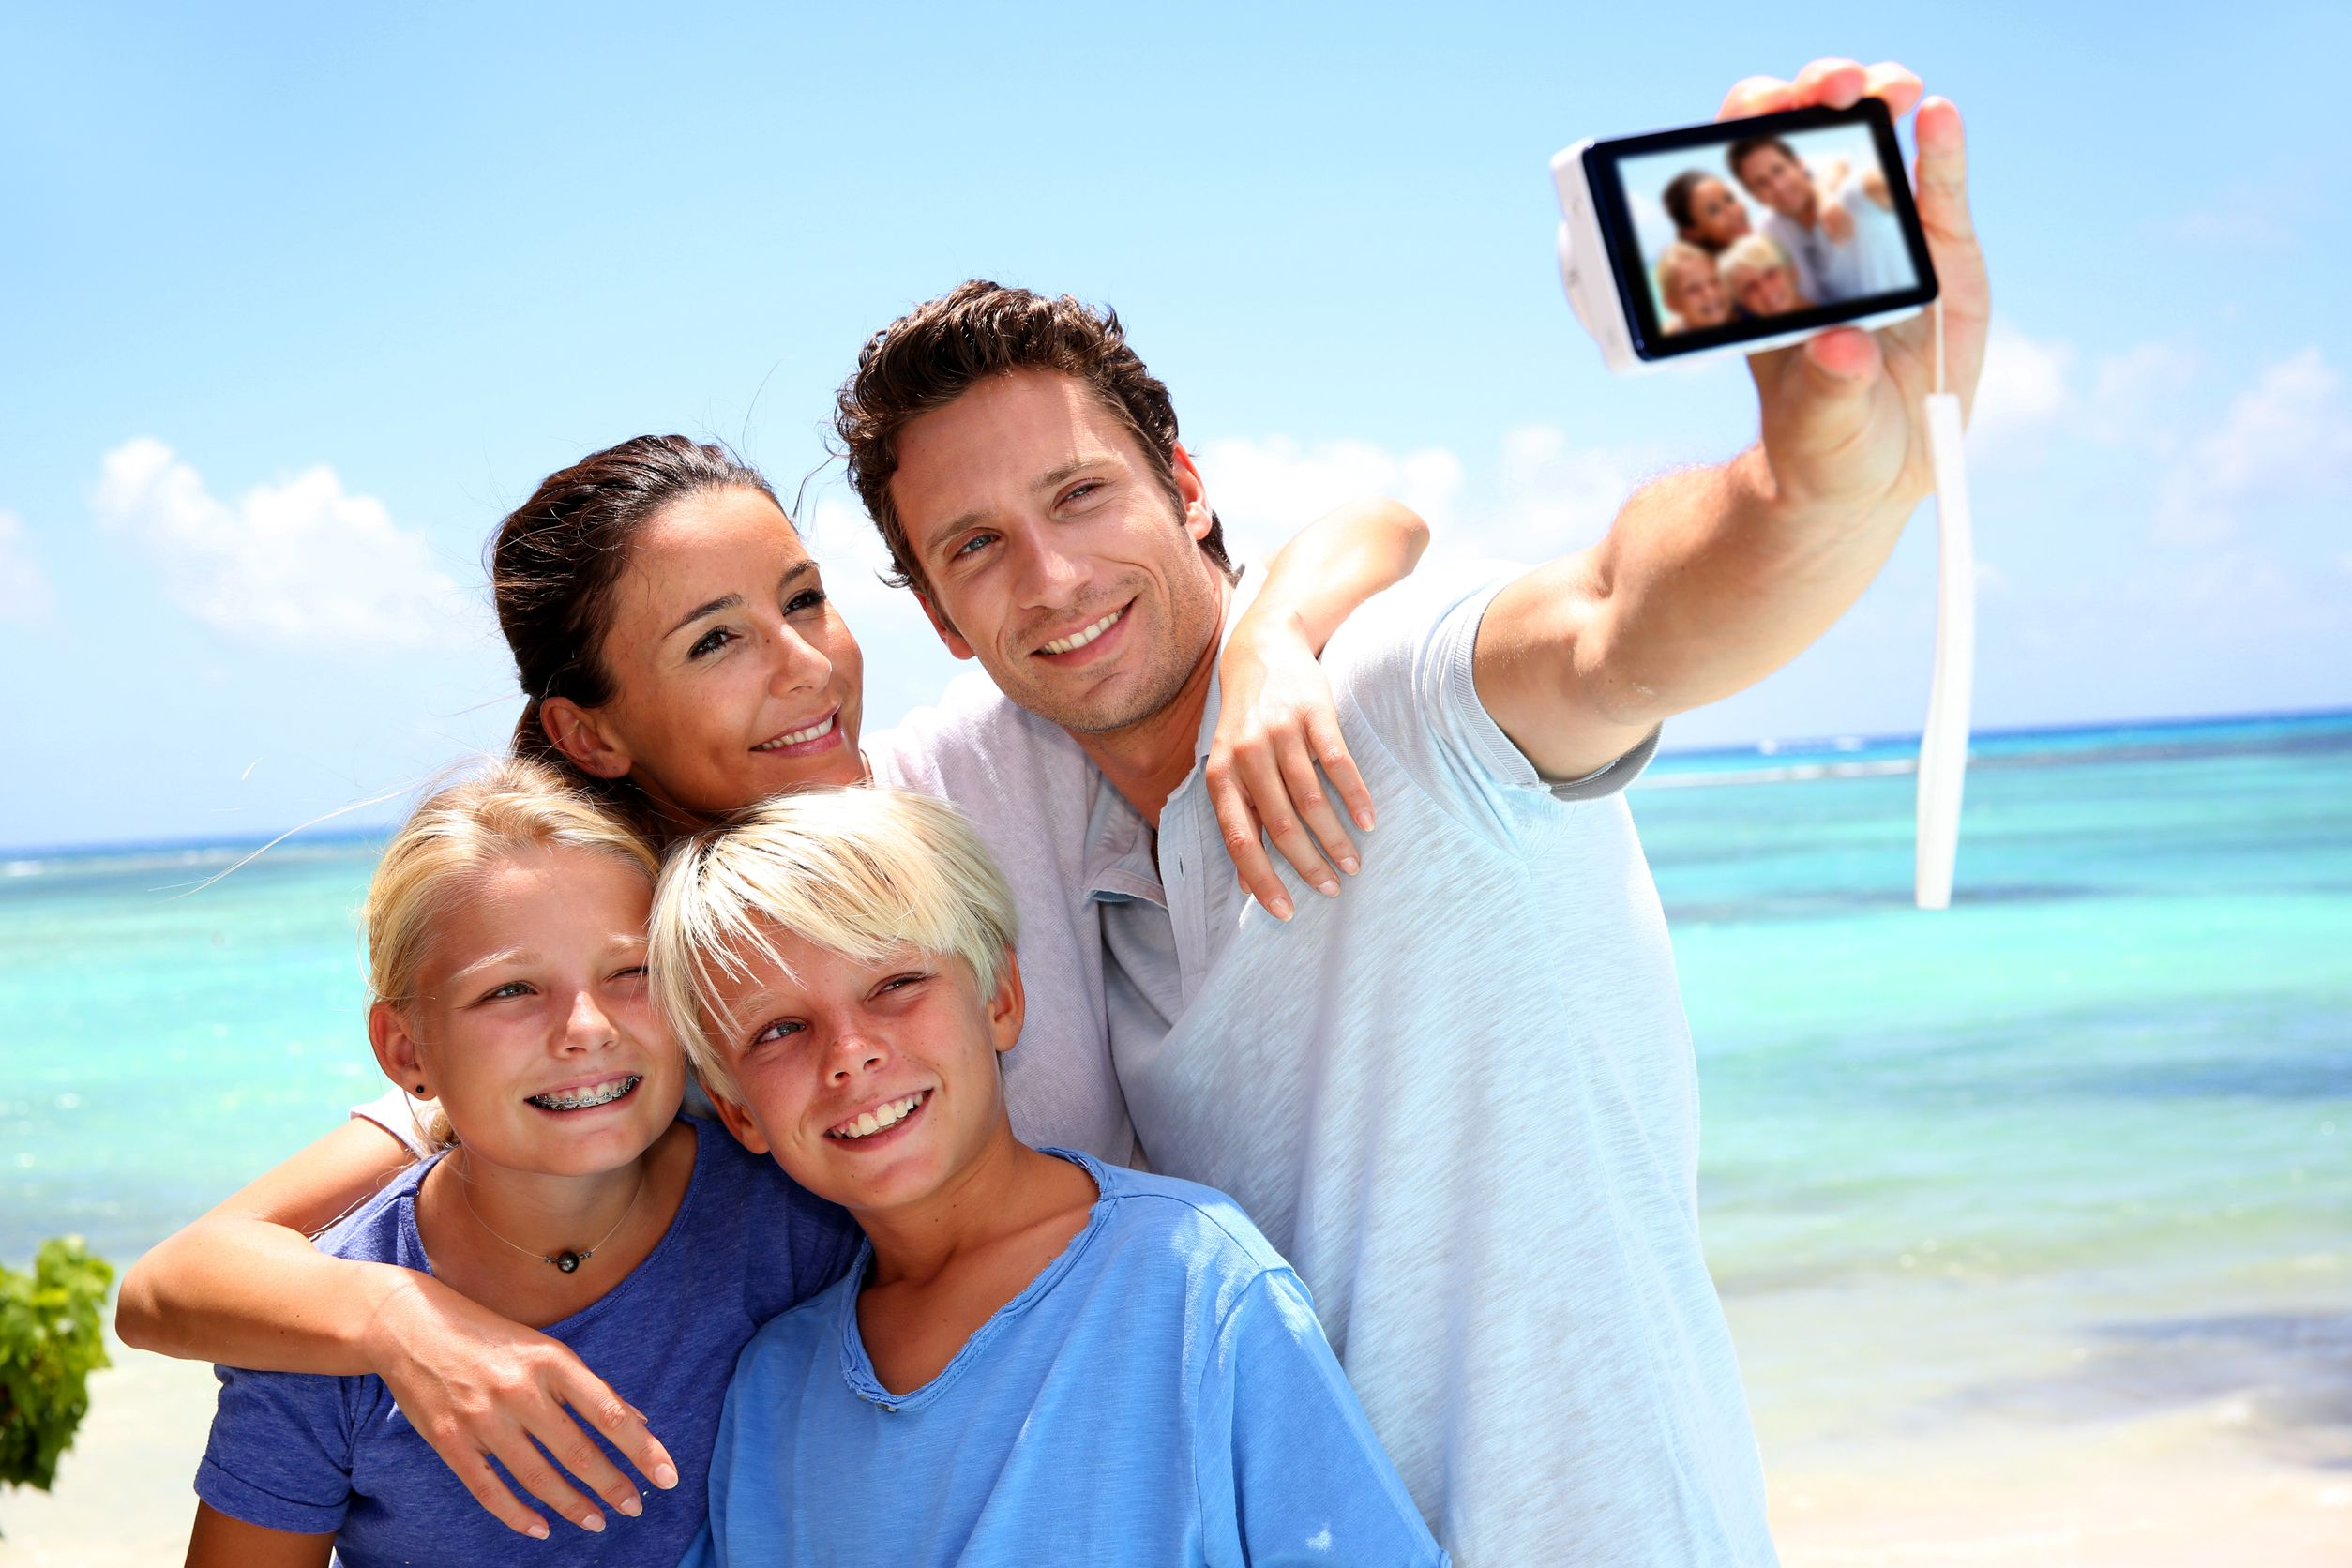 семейное фото с детьми идеи